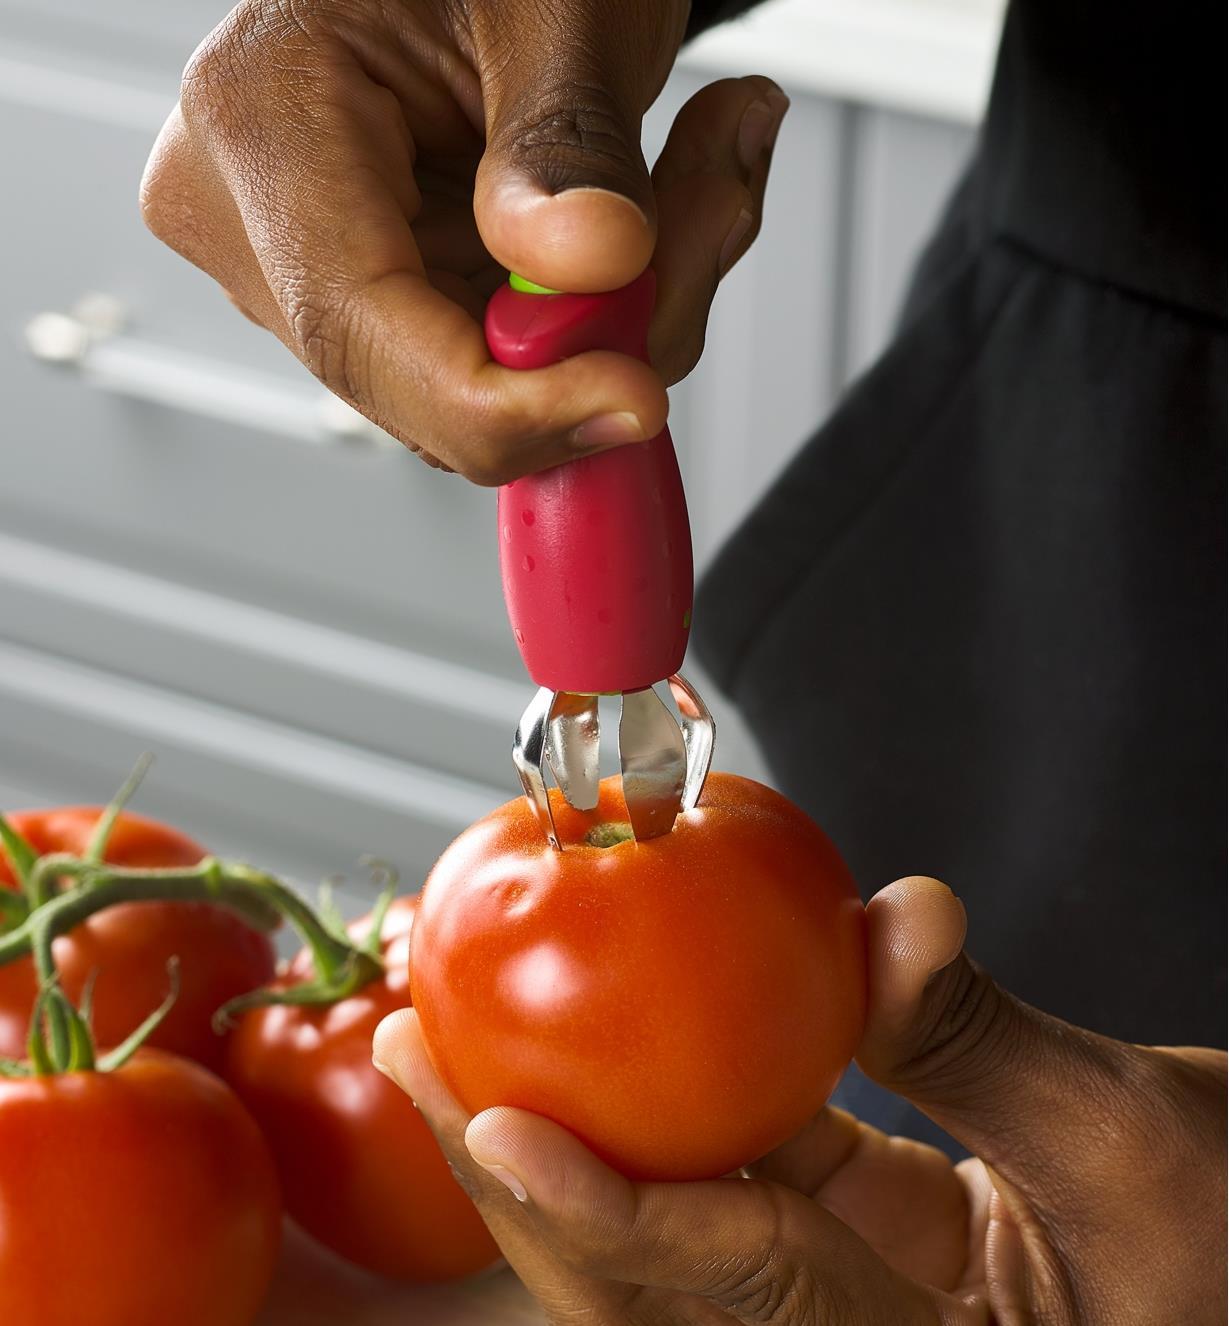 Personne appuyant sur le bouton de l'équeuteuse à fraises insérée dans une tomate pour en retirer la queue